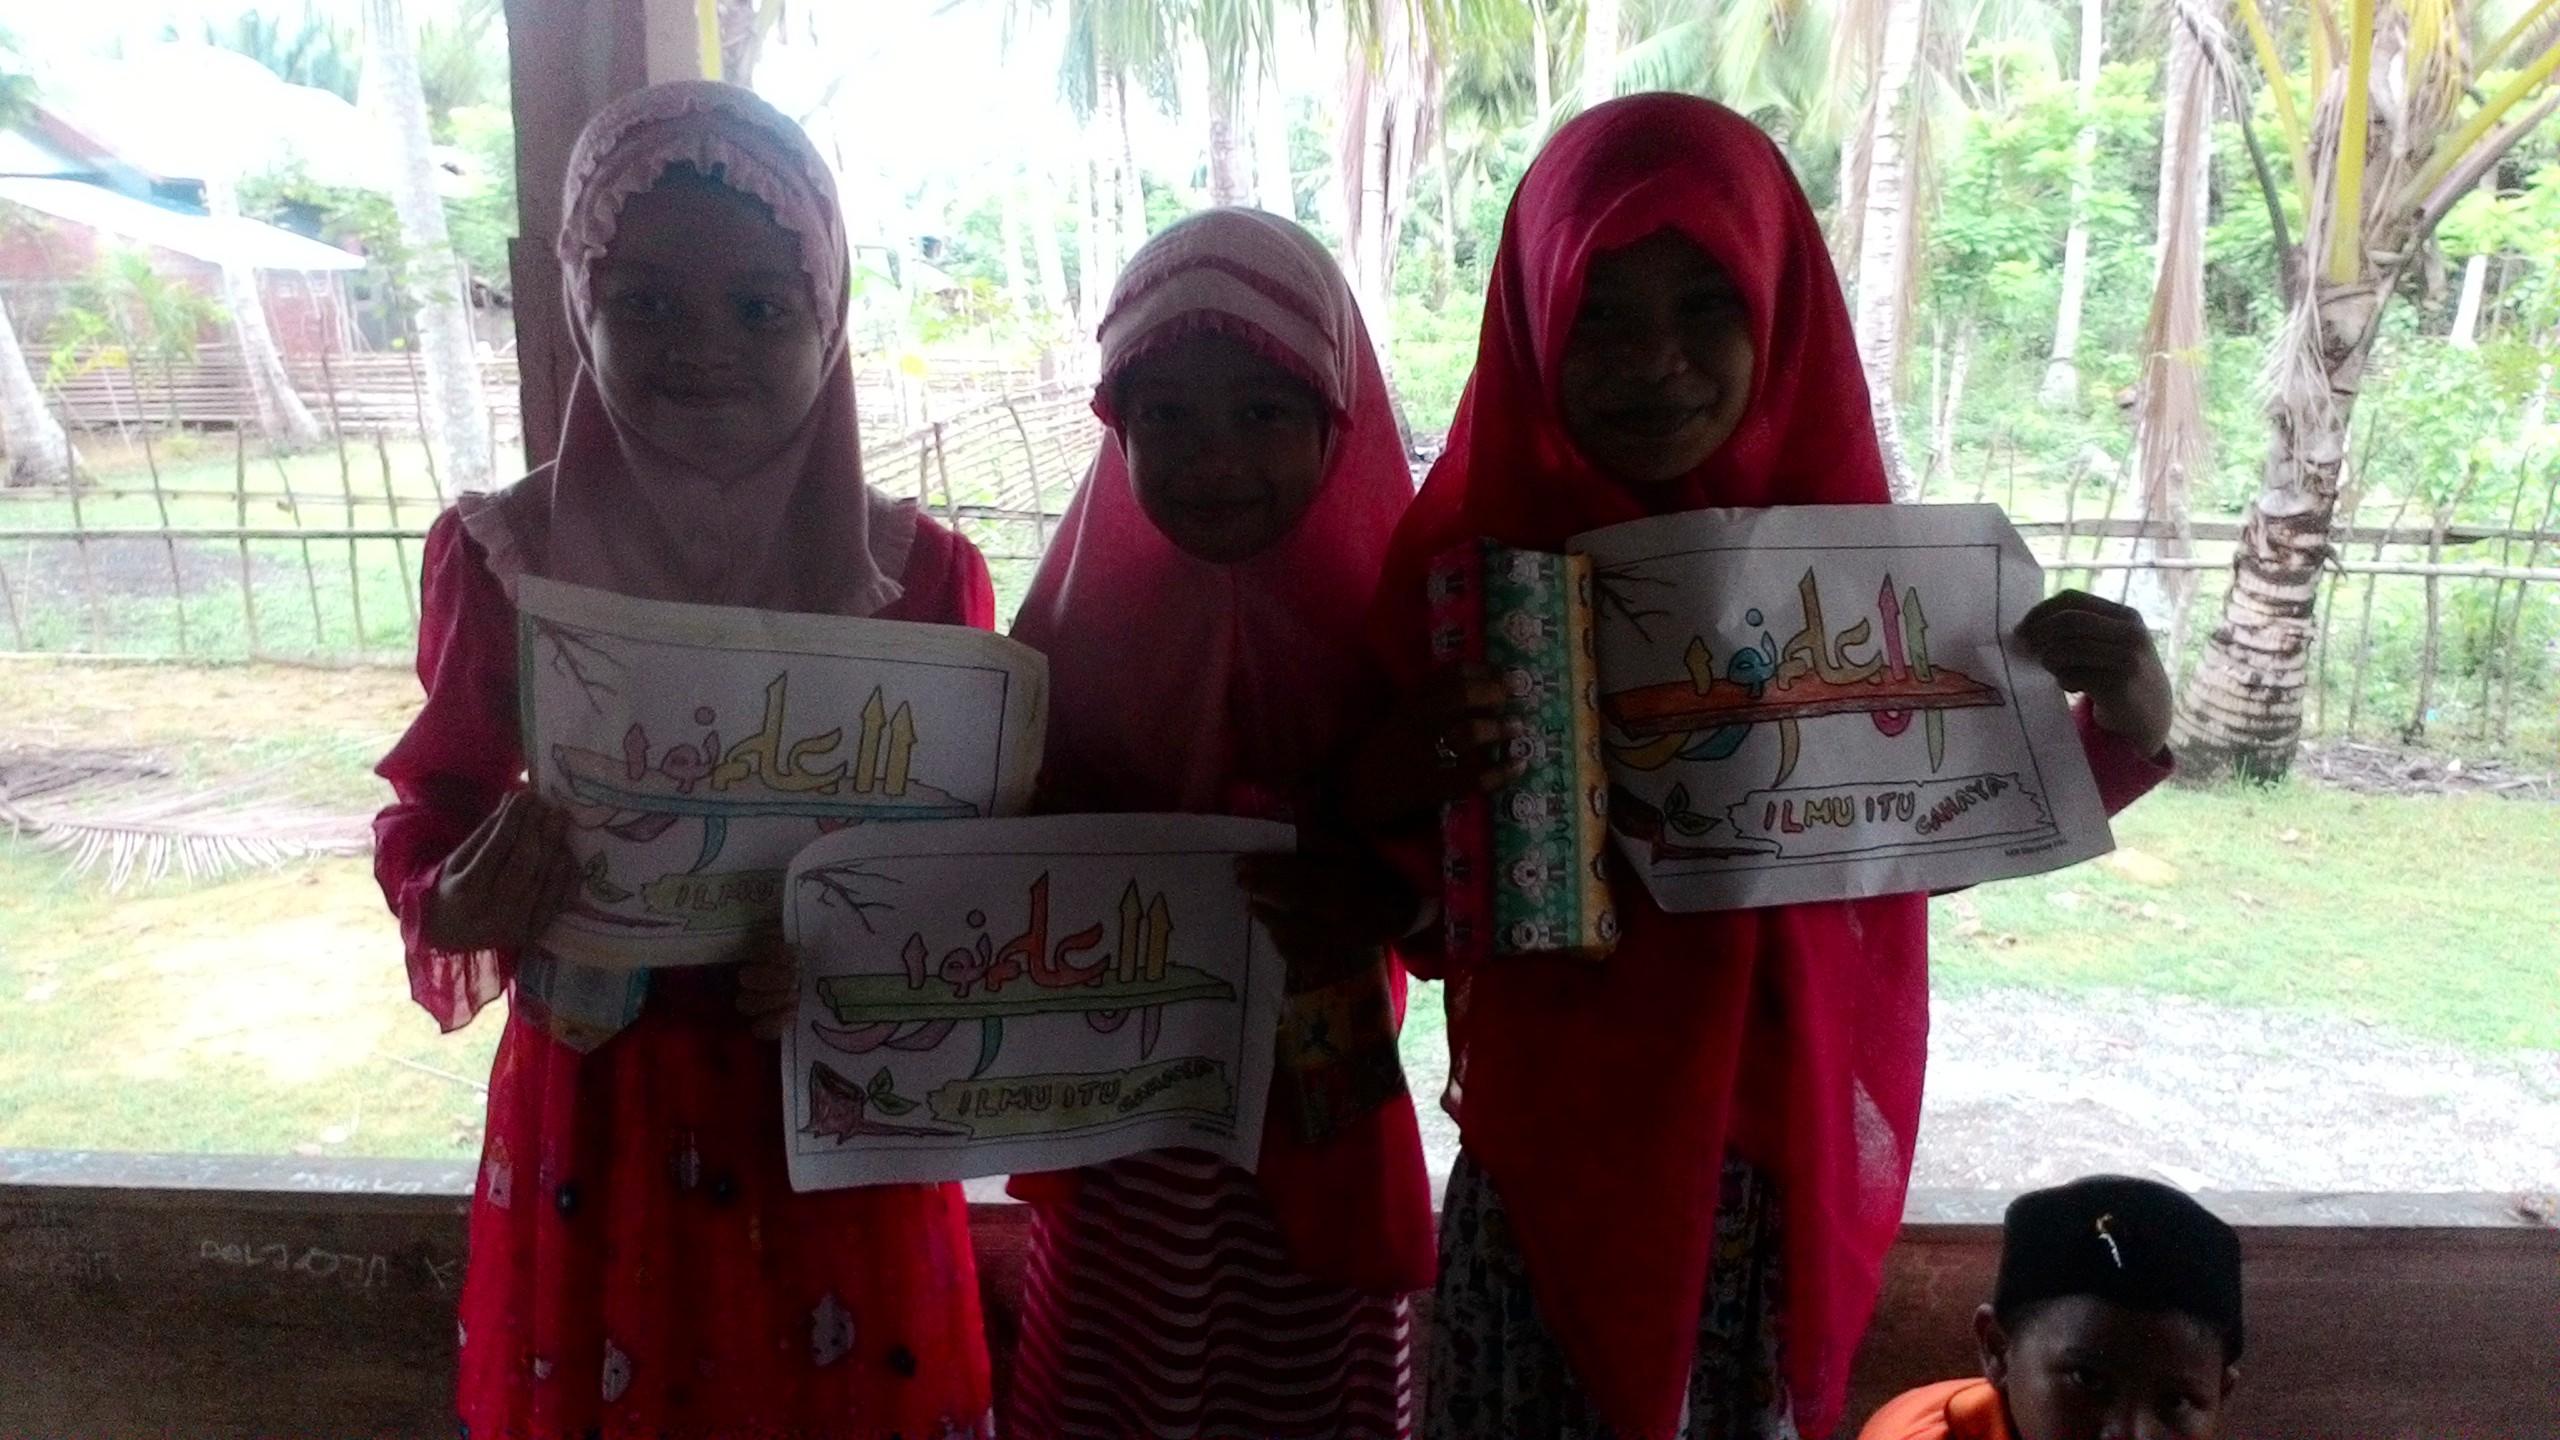 diharapkan anak anak bisa mencintai seni islam ini serta mereka bisa menikmati seni tersebut serta meningkatkan kreativitas dalam mewarnai kaligrafi